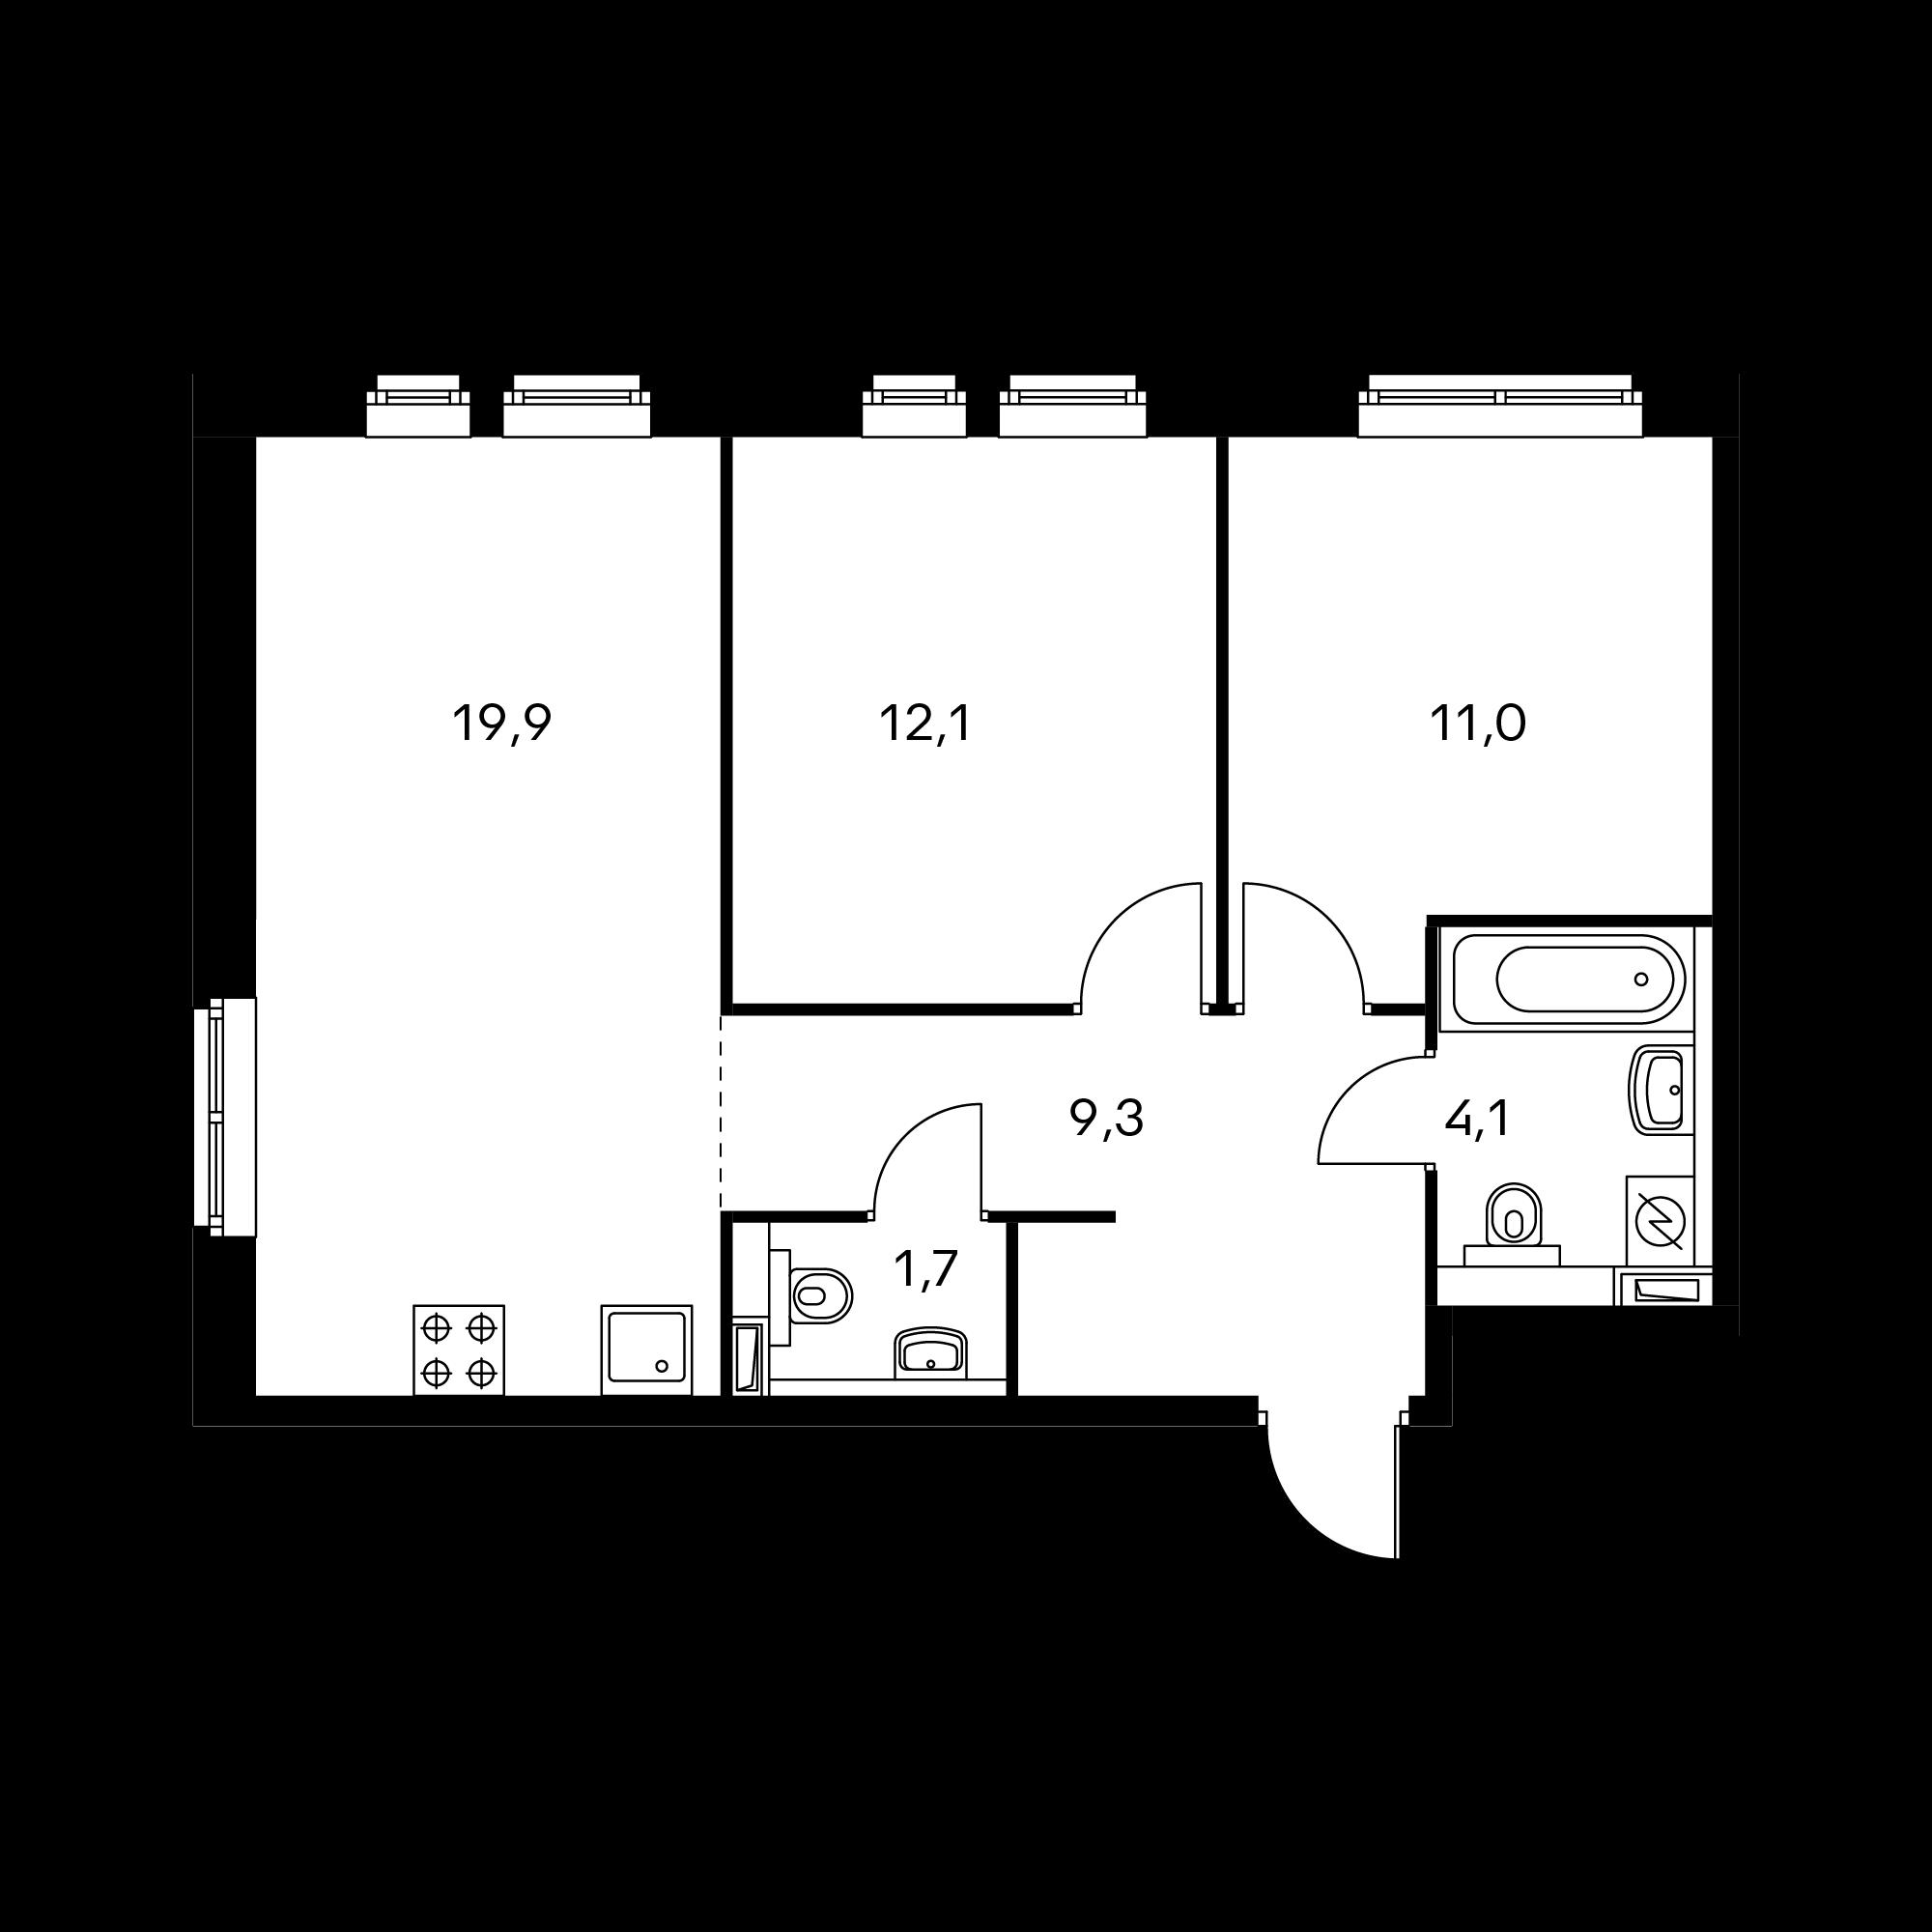 2EM7_9.9-2_T*